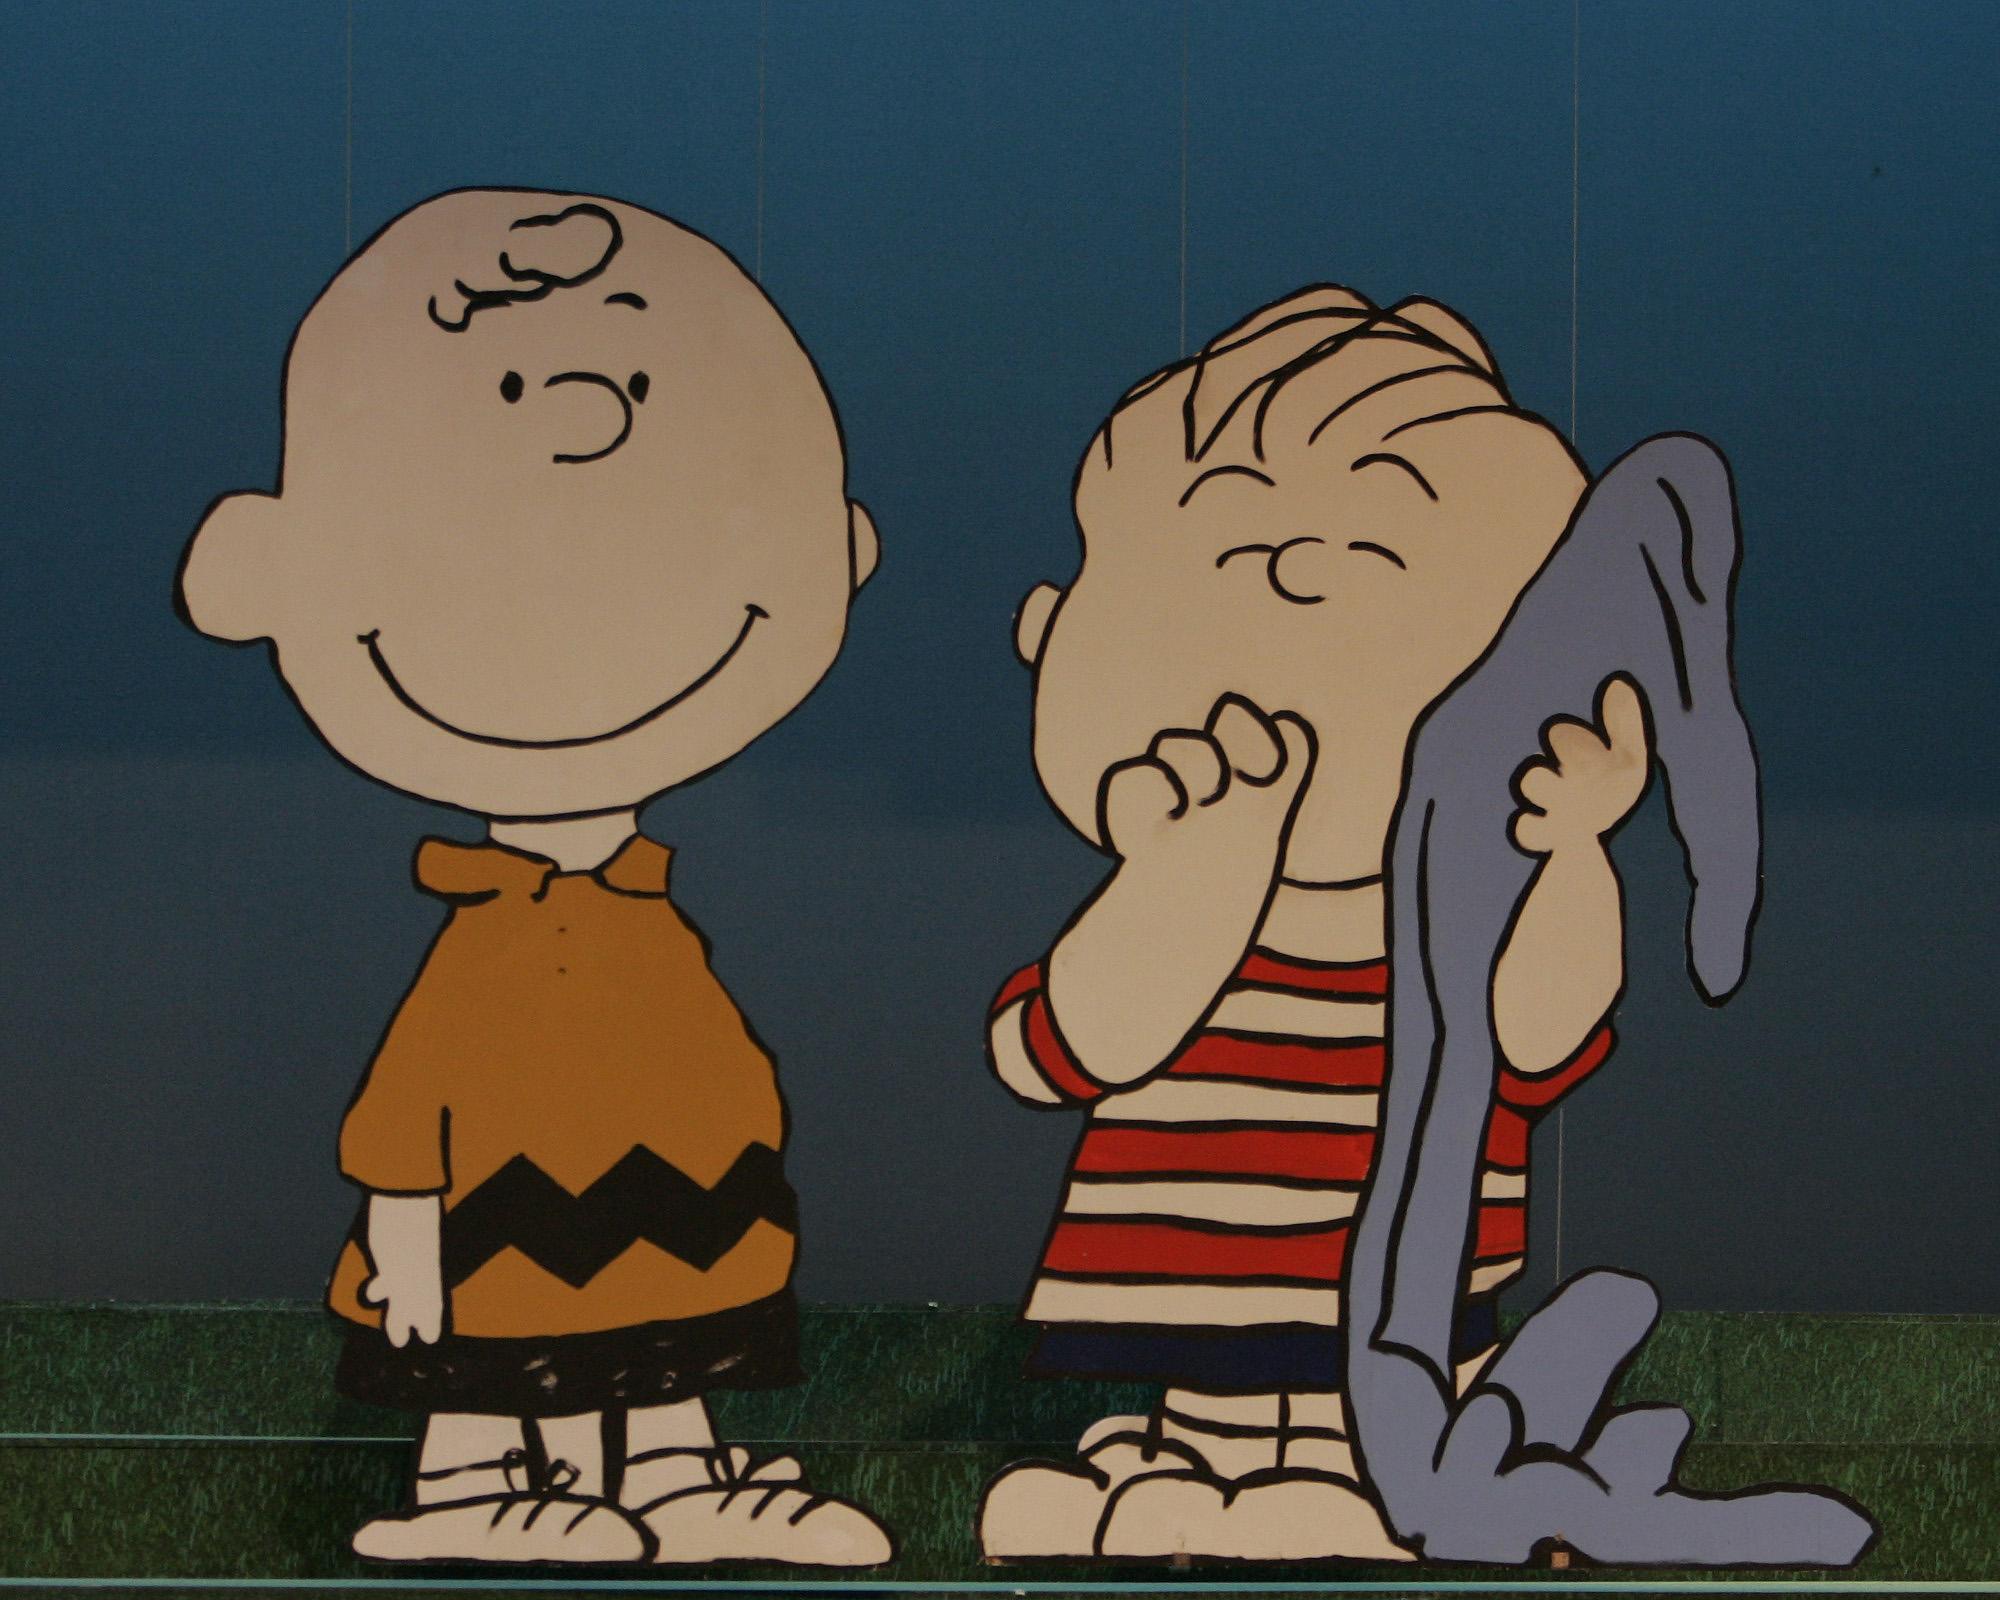 Linus van Pelt Linus van Pelt   wikipe.wiki